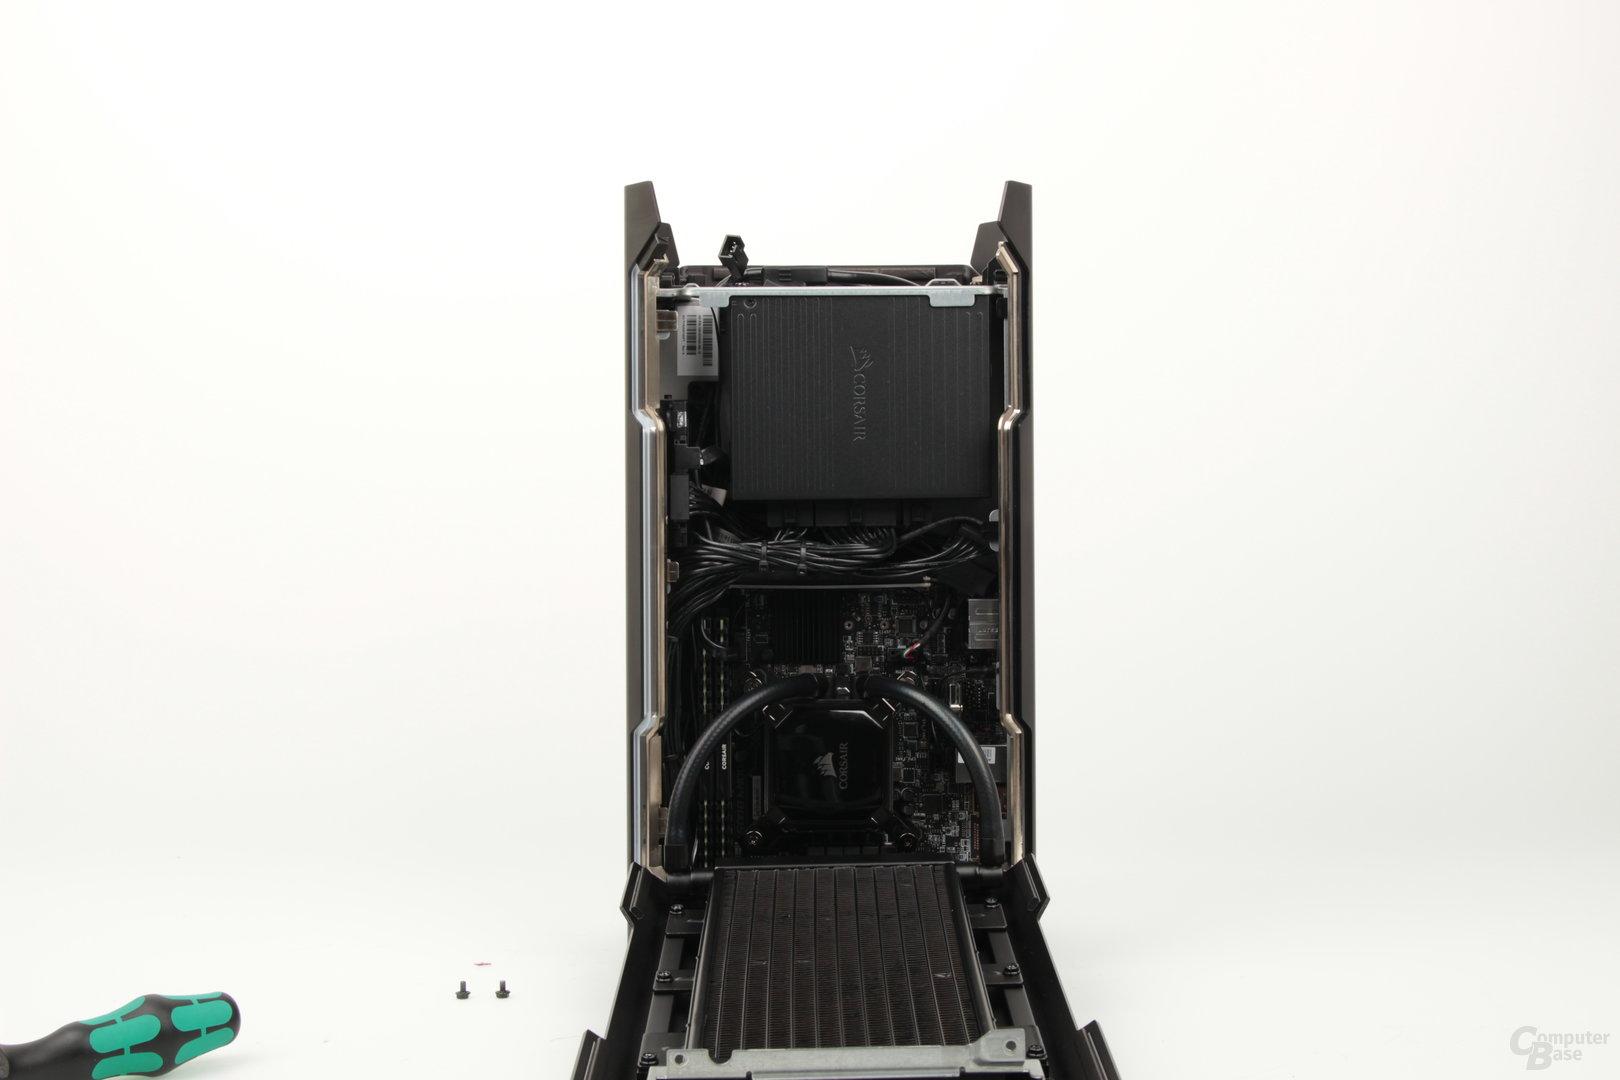 Blick auf die CPU-Kammer